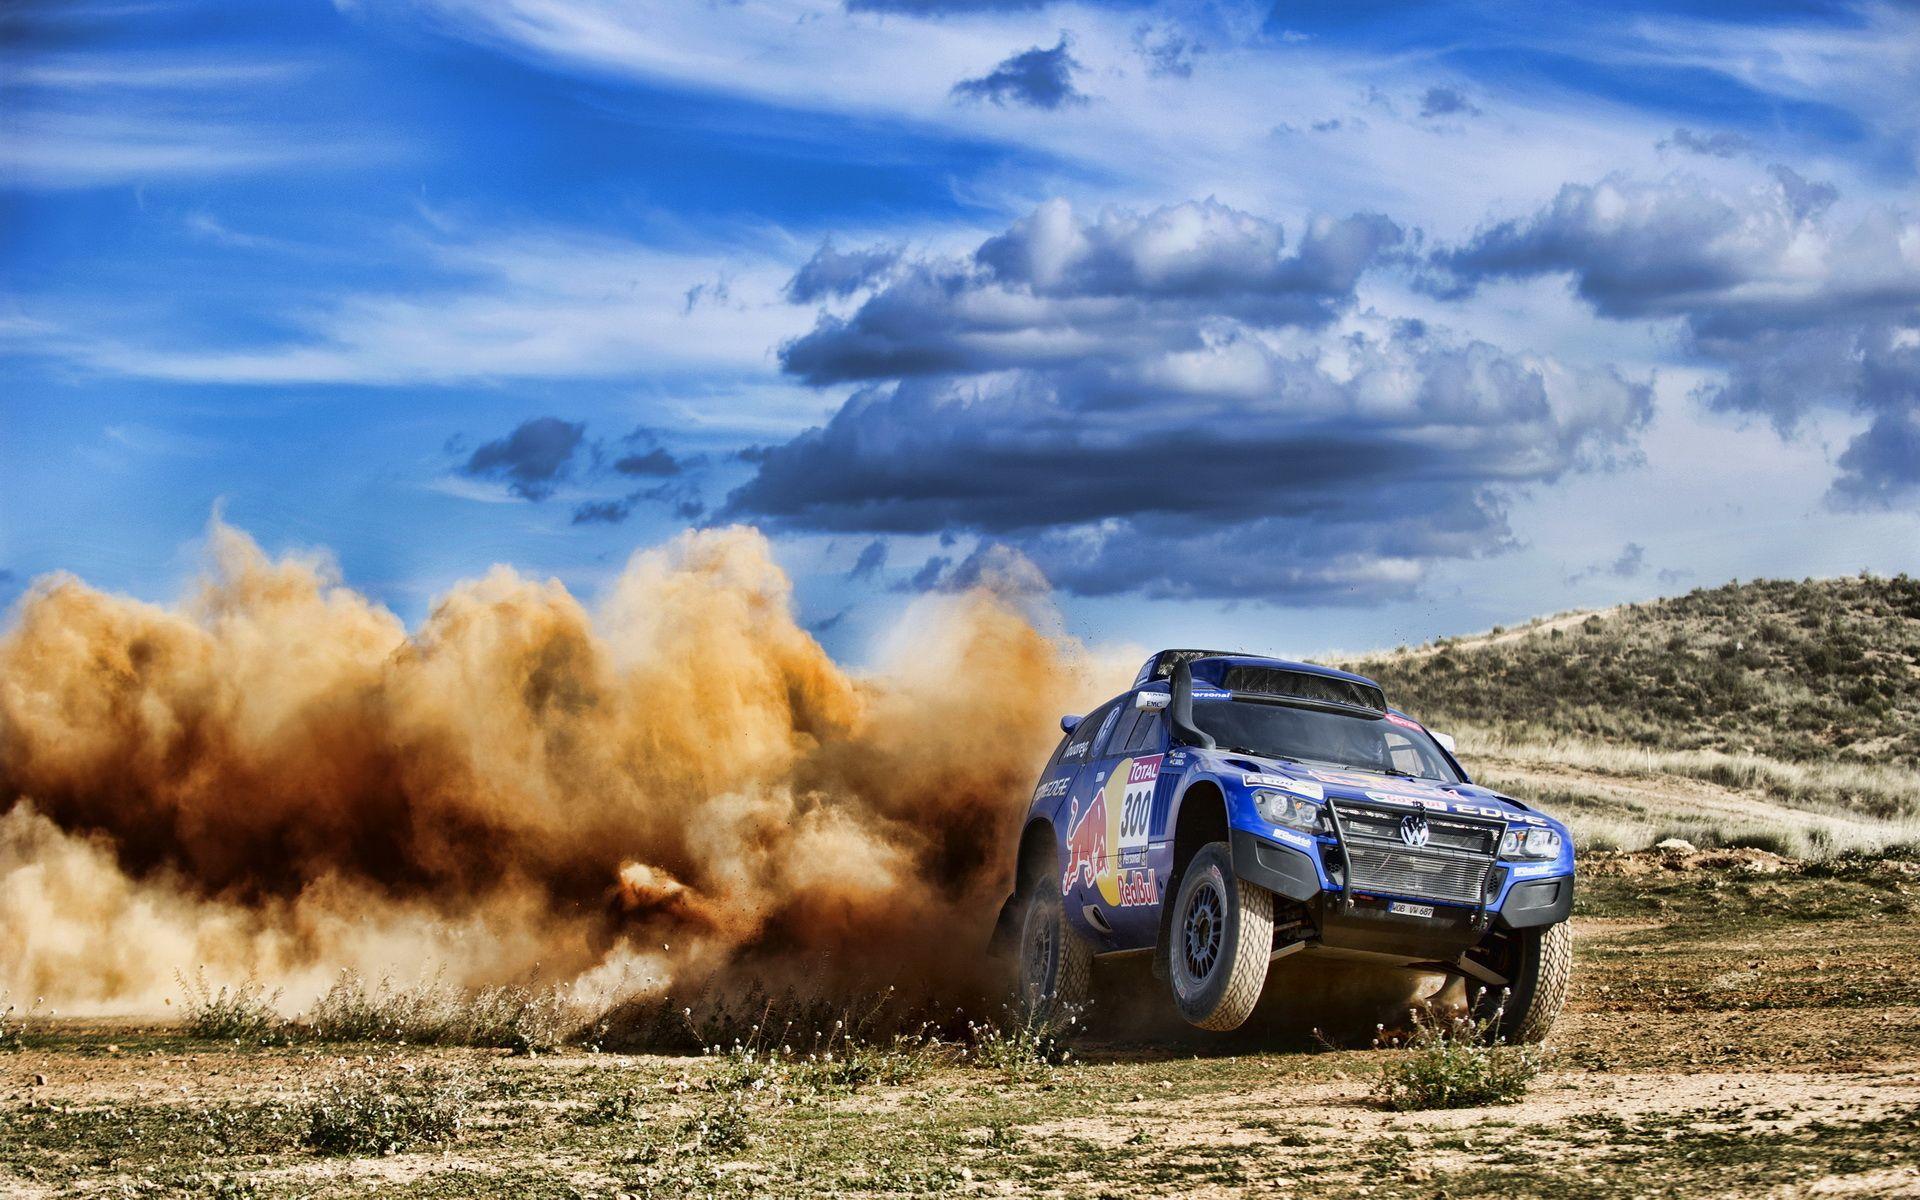 23 Dakar Rally HD Wallpapers | Backgrounds - Wallpaper Abyss